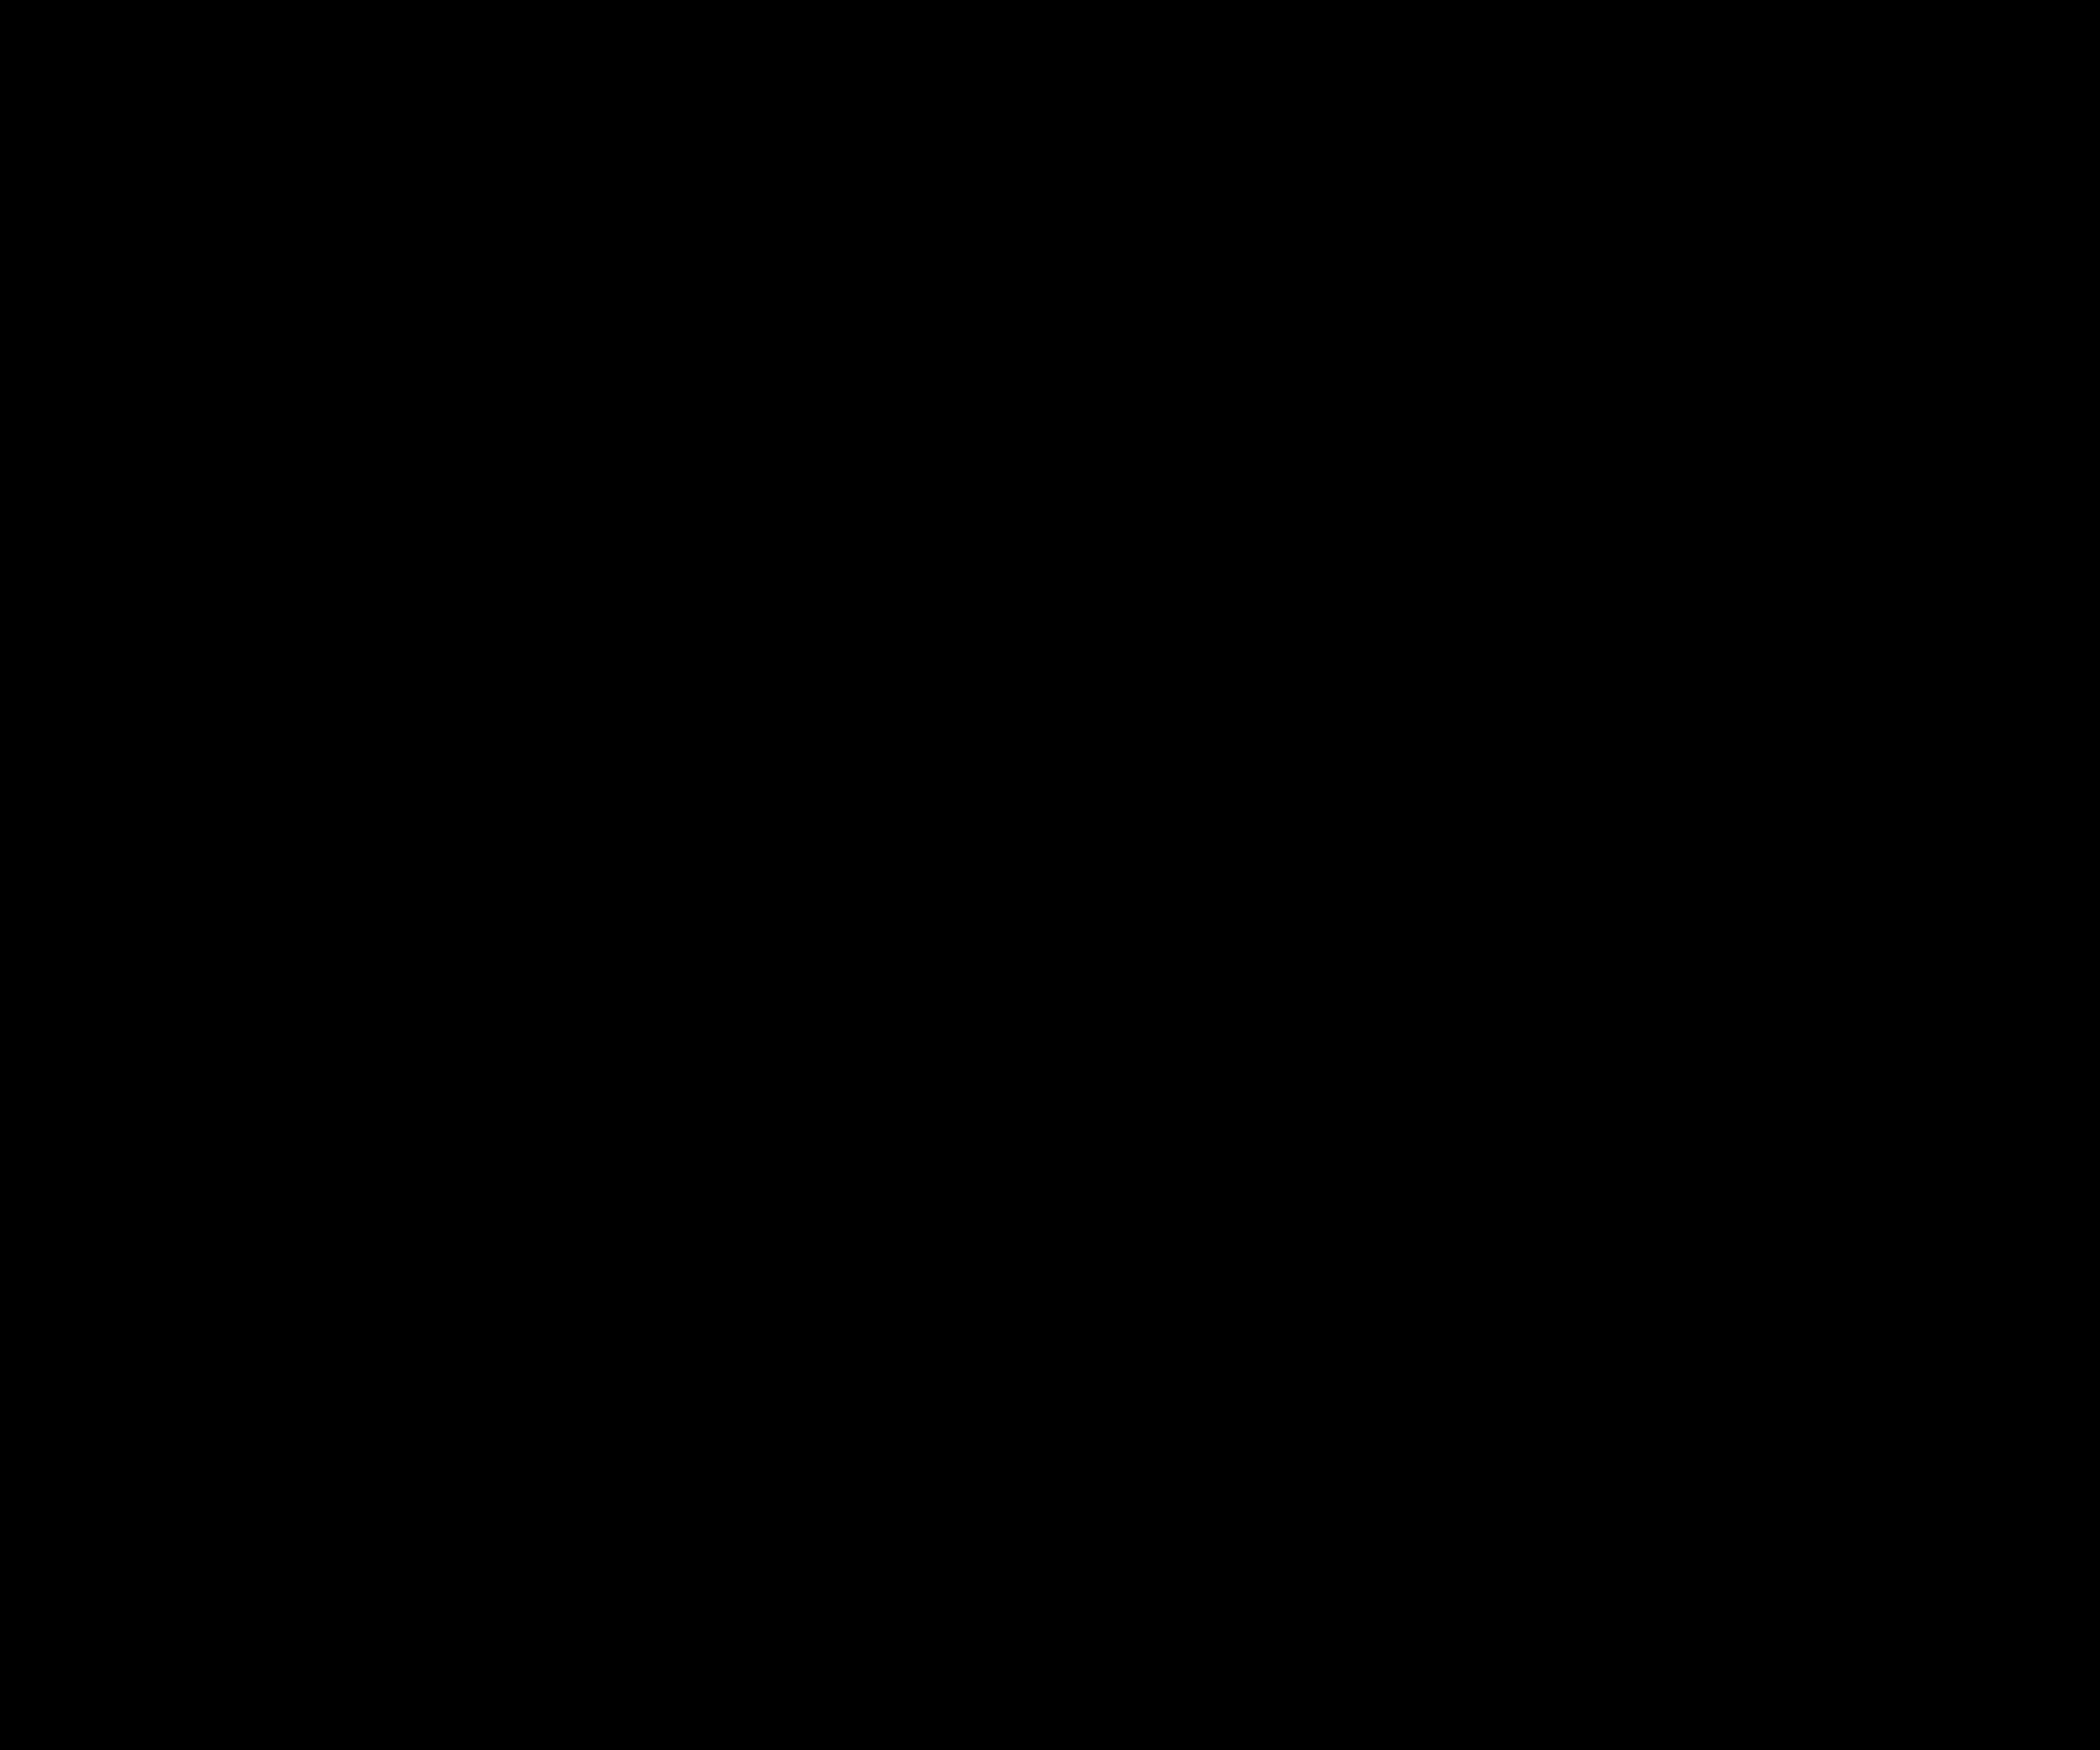 Fog-breit1